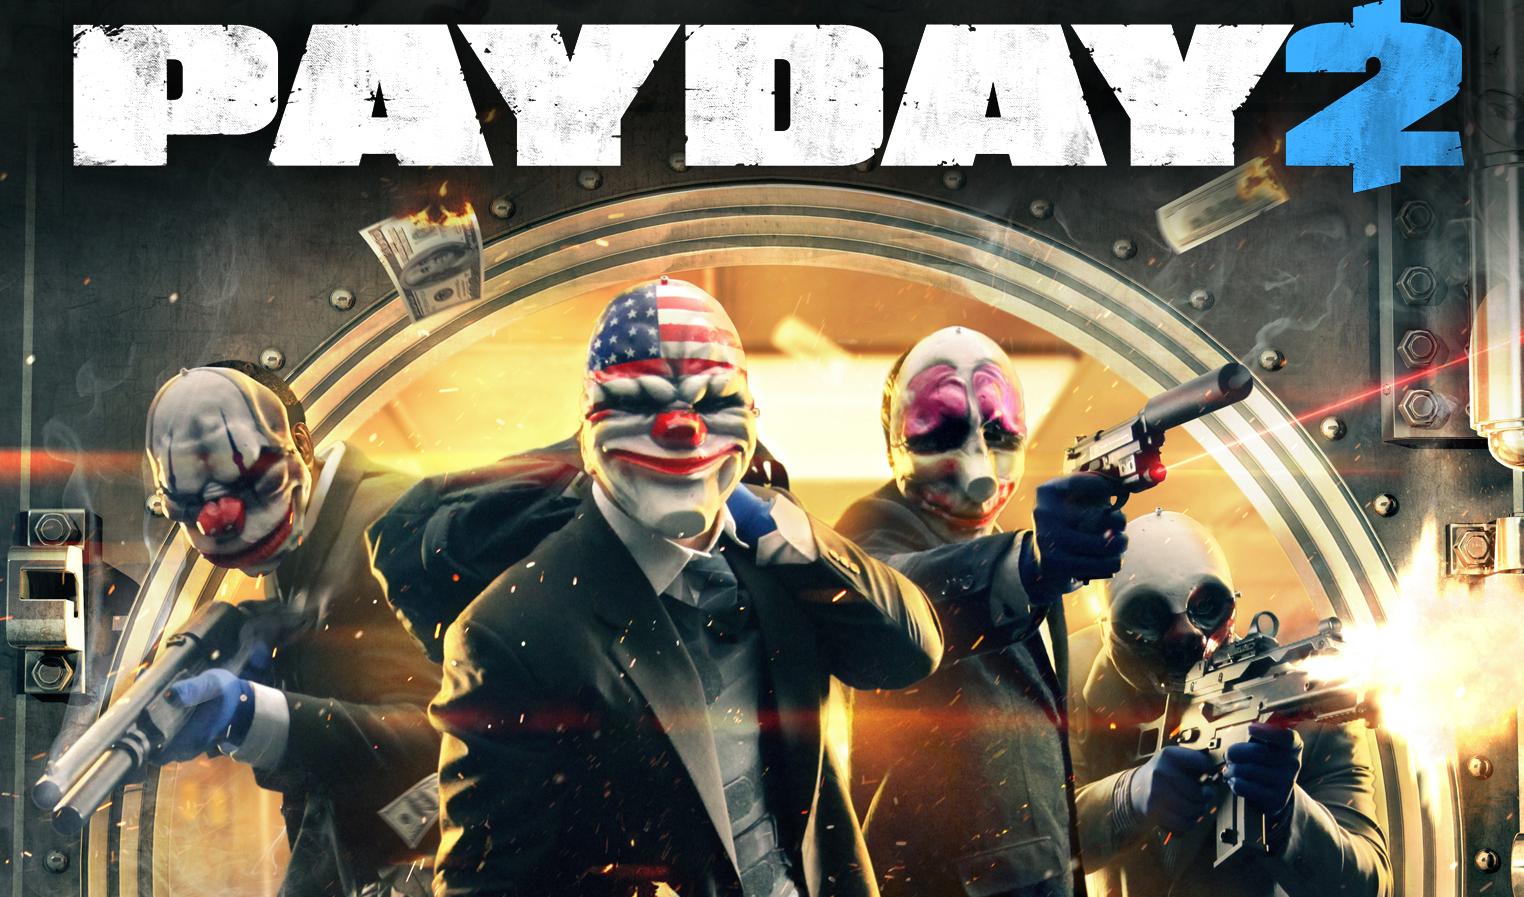 Descarga gratis PAYDAY 2, prepara las armas, hay que robar un banco